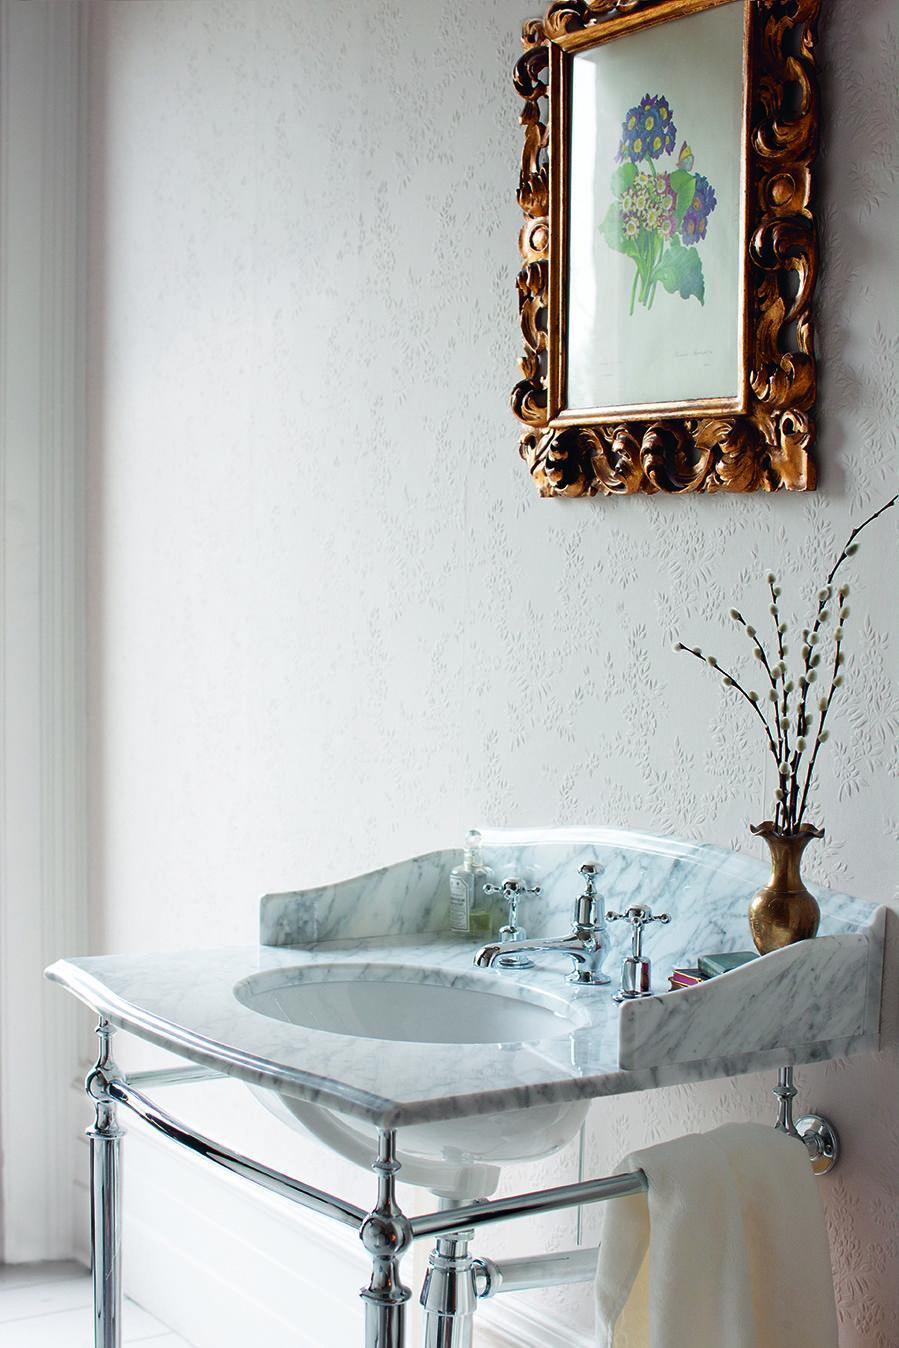 Dream basin burlingtonbathrooms mytraditionalbathroom lavabos de